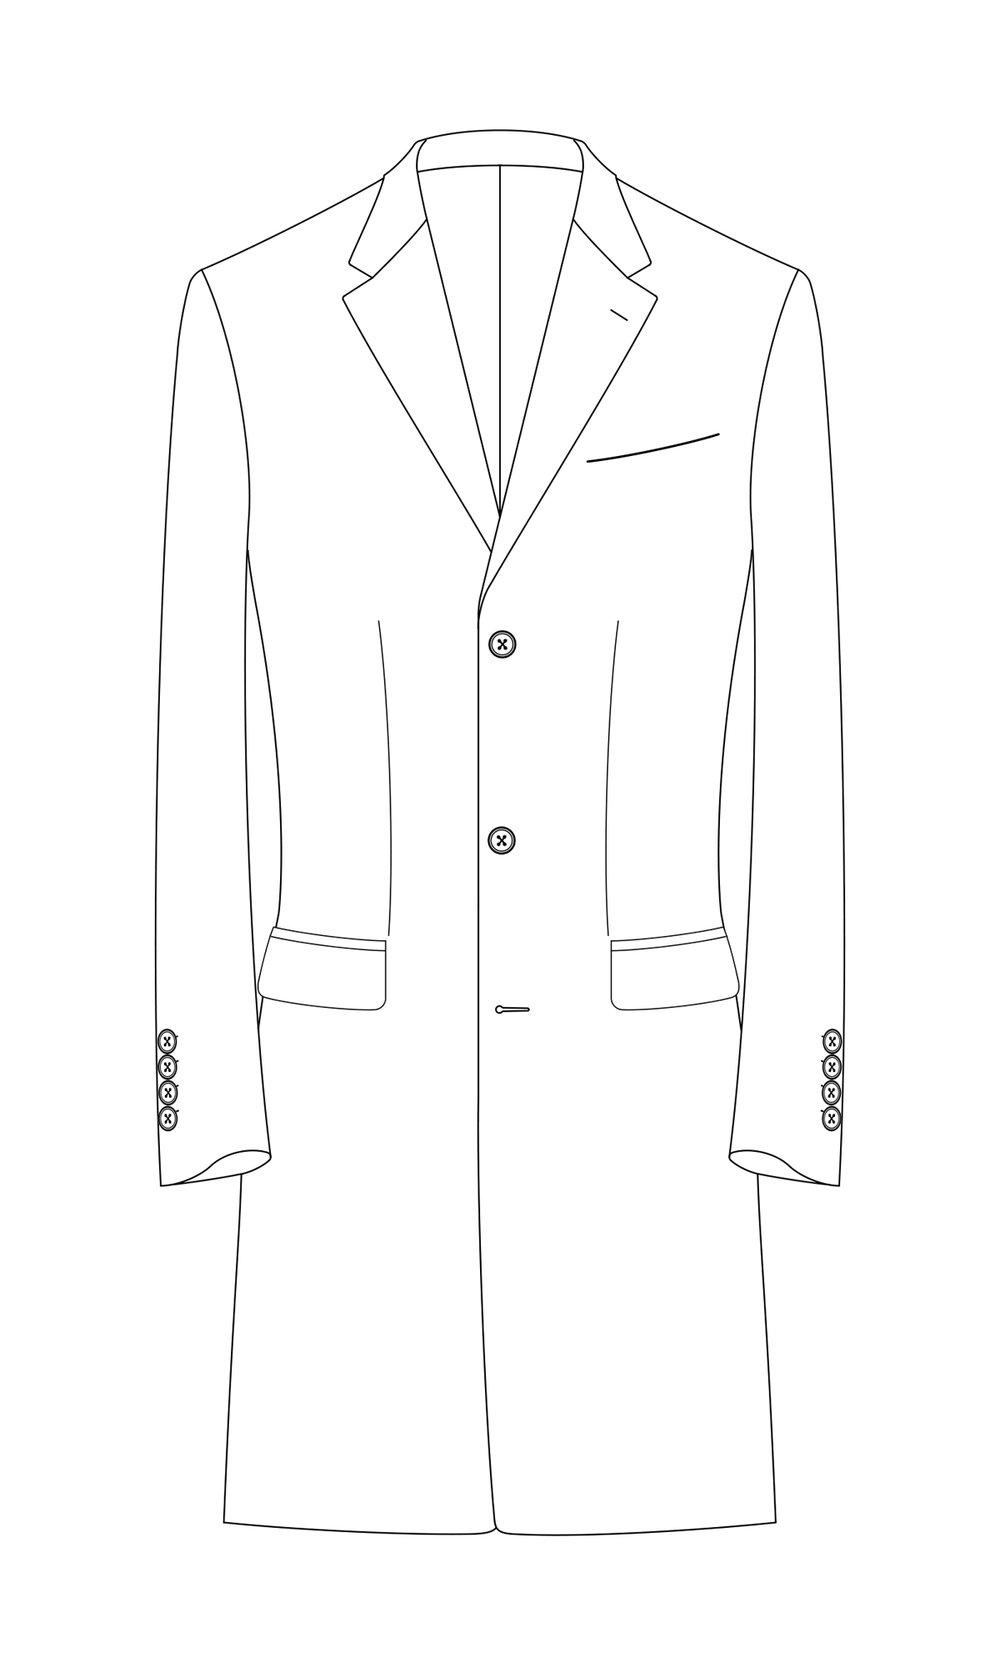 Outerwear_coat02_2017.jpg